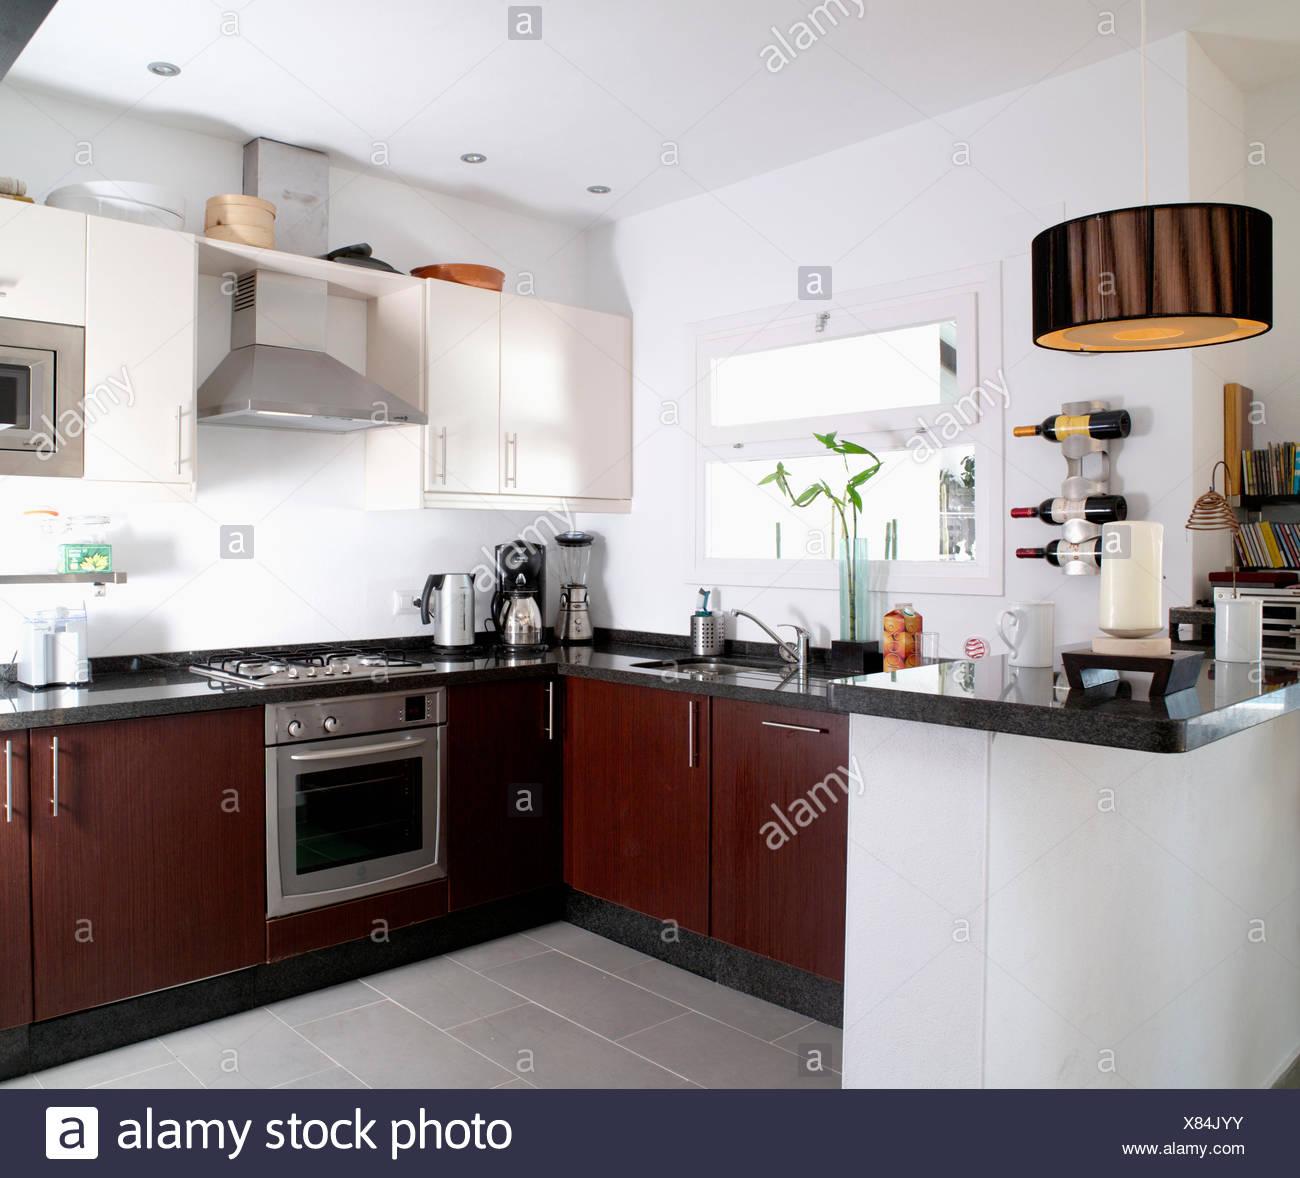 Cucina Moderna Bianca E Marrone.In Acciaio Inossidabile E Forno Marrone Scuro Unita Montata